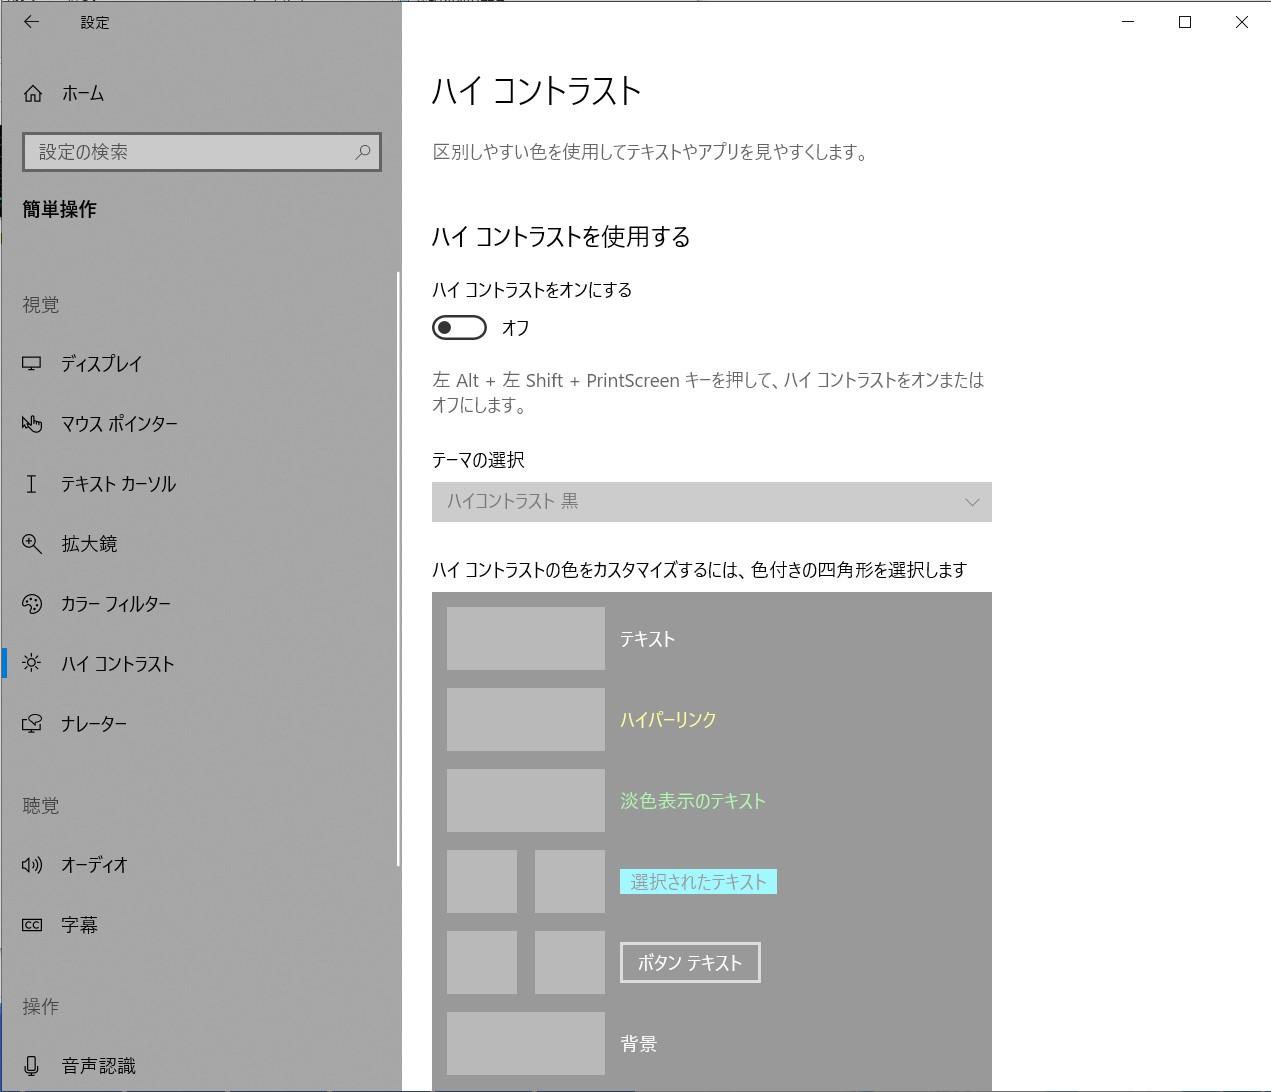 【反転色】パソコンで画面にハイコントラストを適用して、目の疲れを軽減する方法を解説【Windows10】